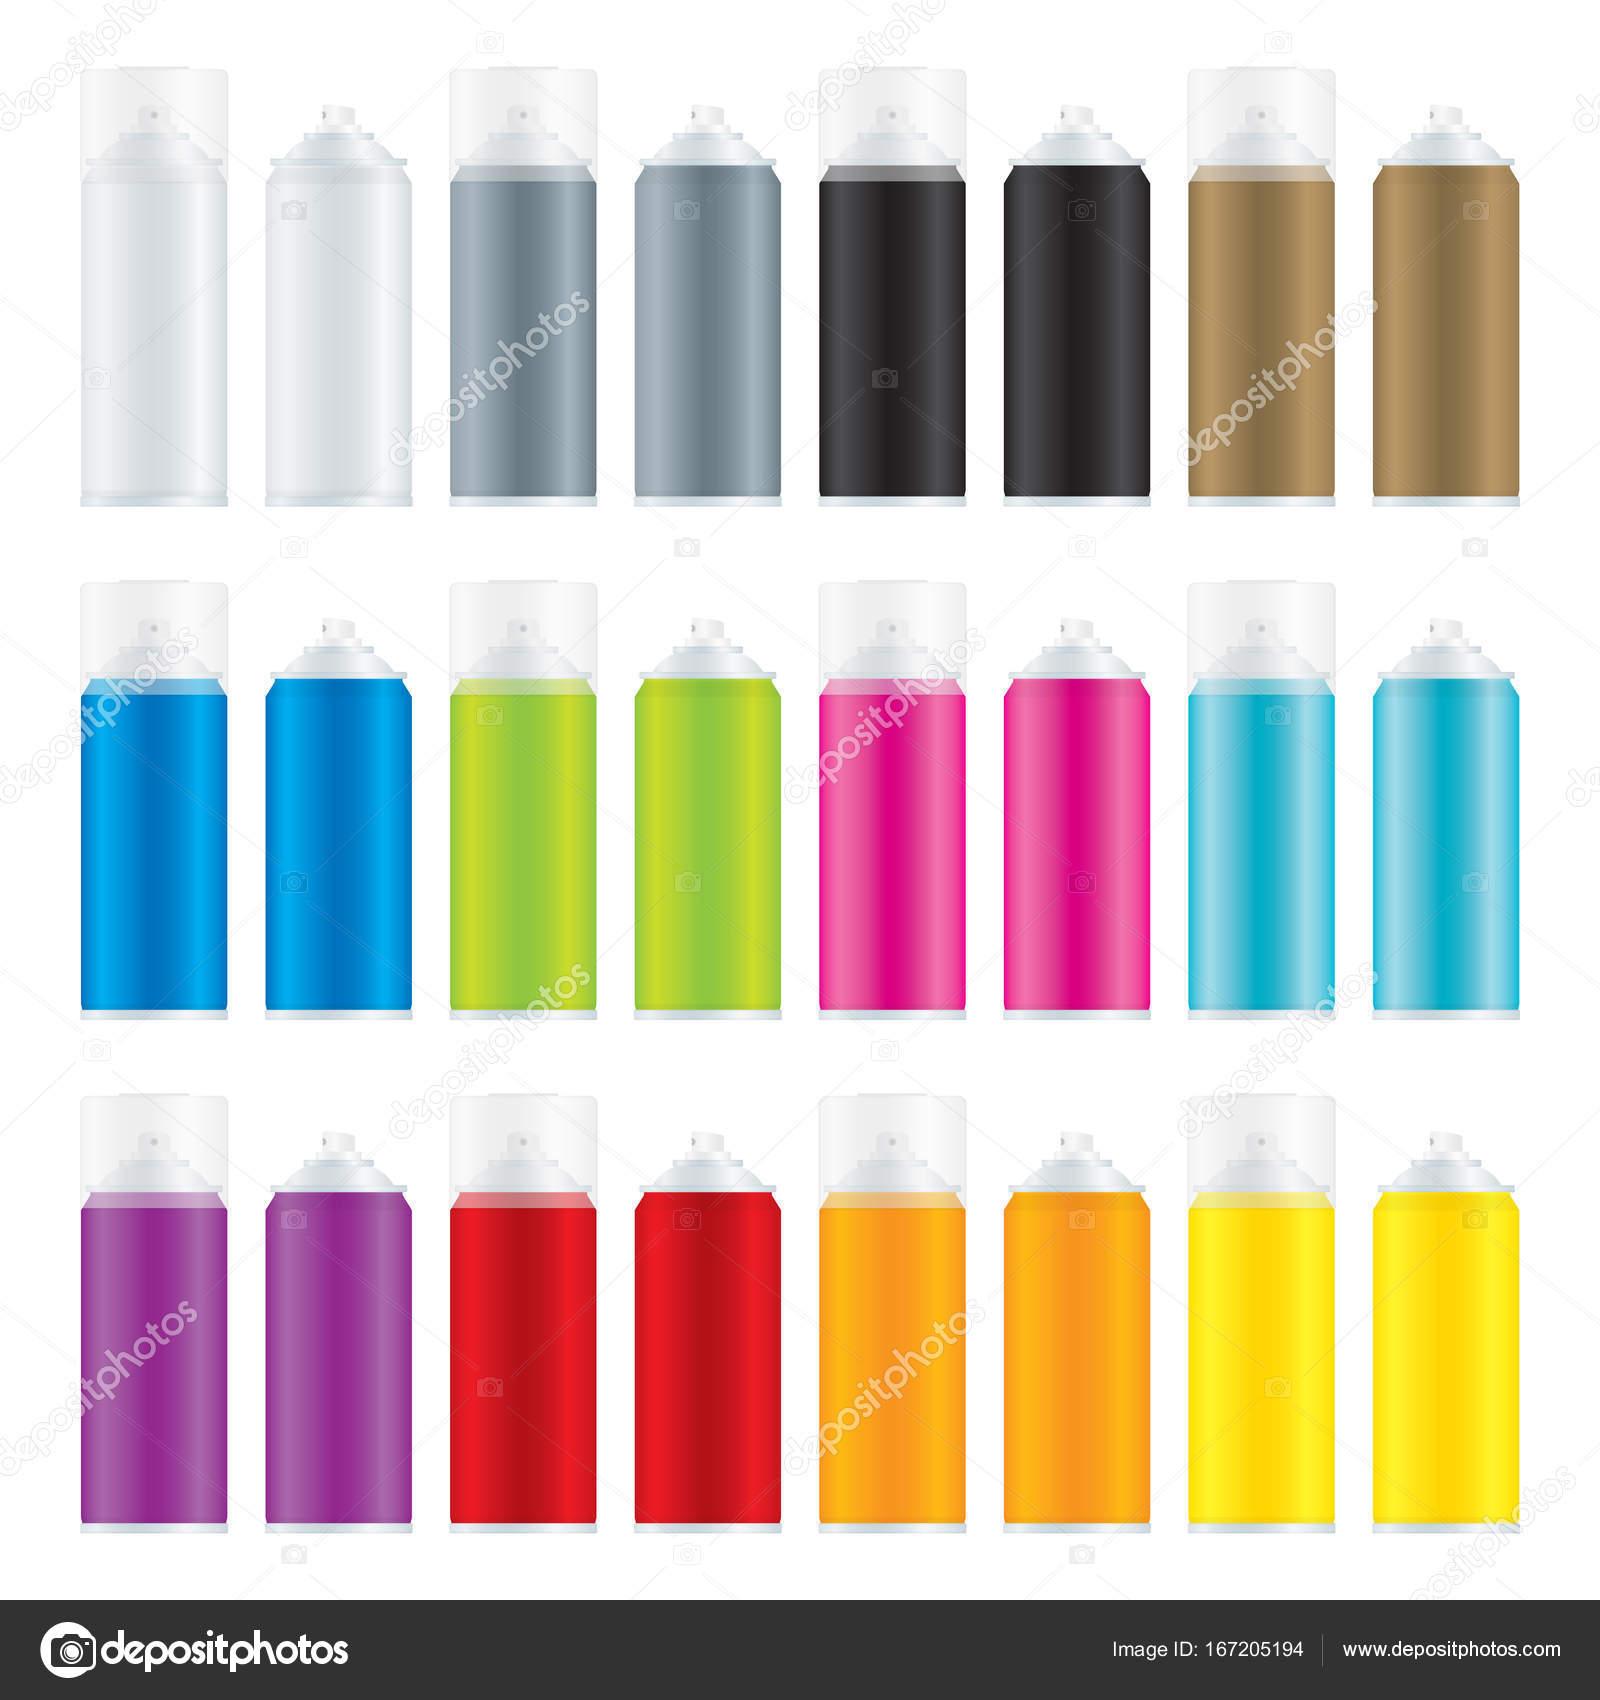 Spraydosen Farben.Lack Spraydosen Mit Verschiedenen Farben Stockvektor